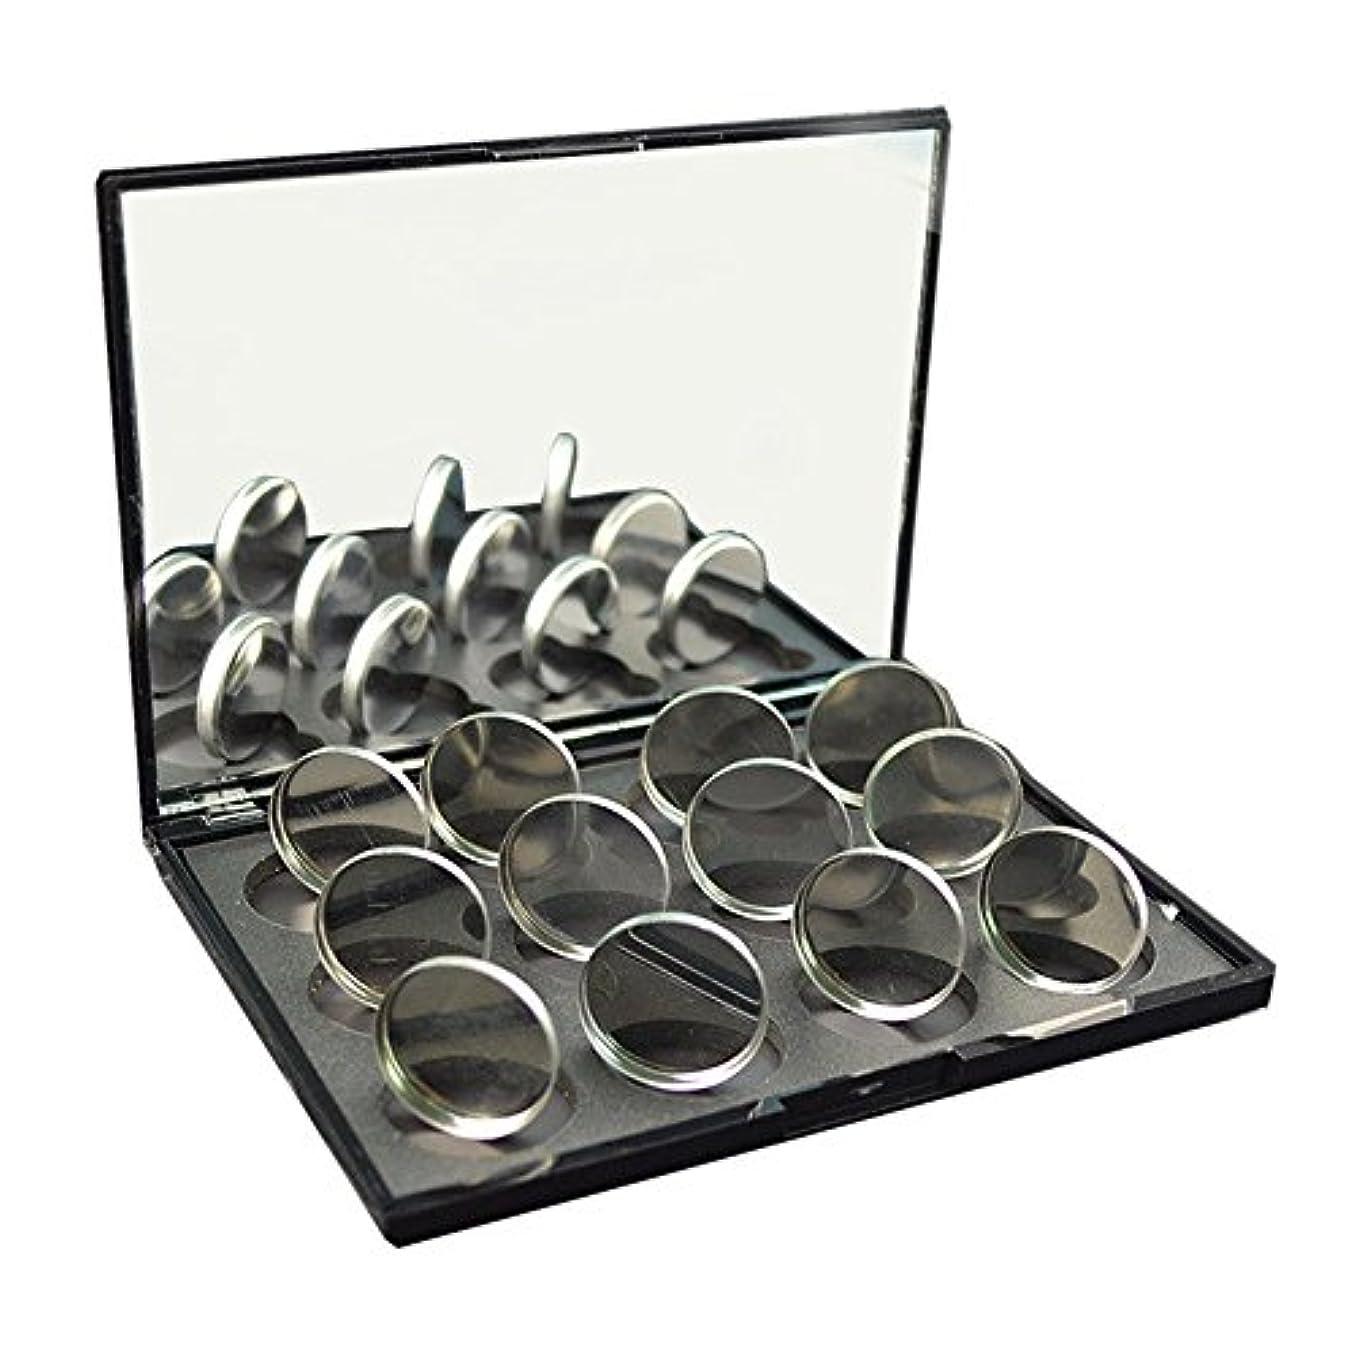 死傷者疑問を超えて哀れな磁石に敏感な粉のアイシャドウ26mmのための100pcs空の円形の錫鍋